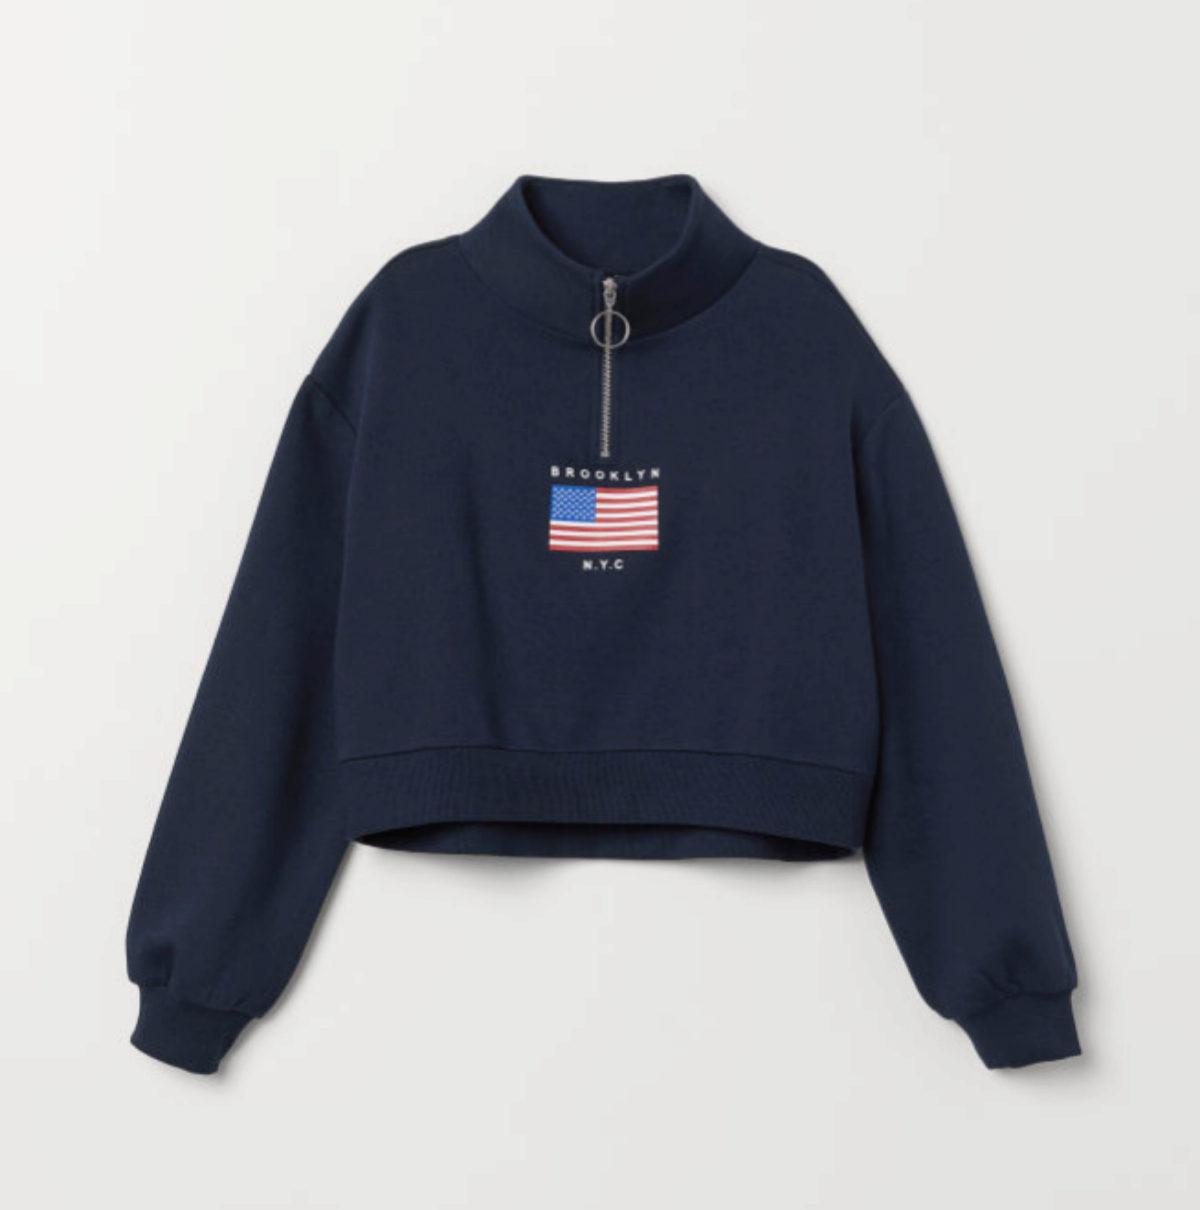 Sudadera azul marina con letras y bandera de Estados Unidos, de H&M...